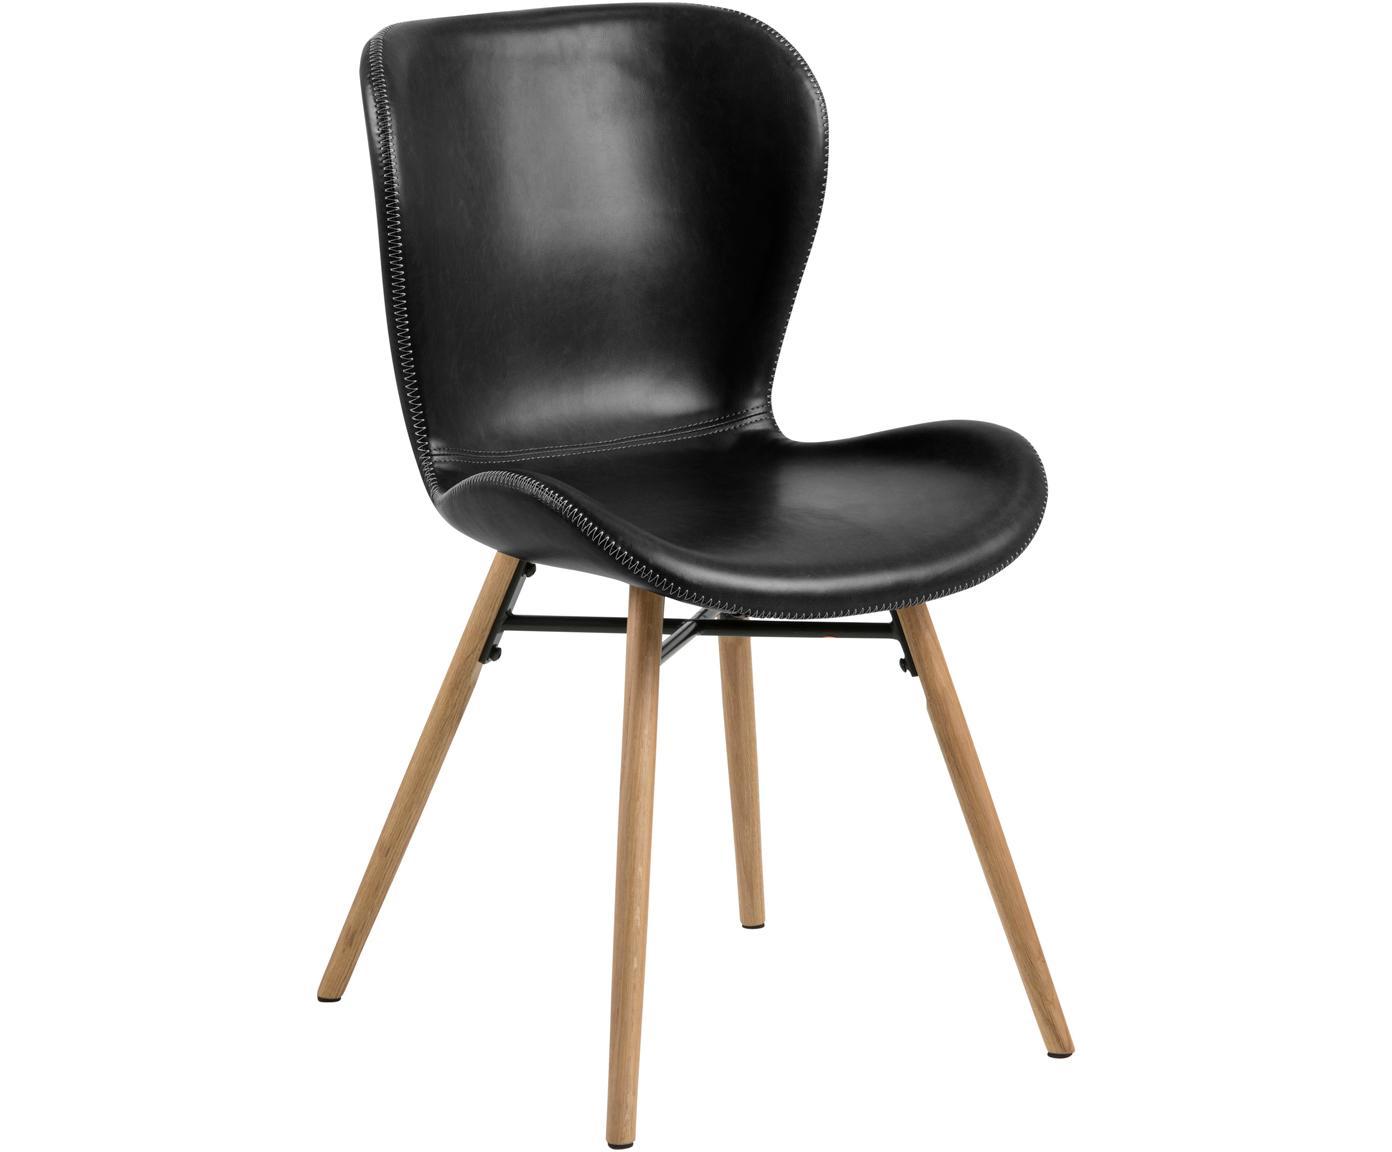 Kunstleren stoelen Batilda, 2 stuks, Bekleding: polyurethaan (kunstleer), Poten: geolied eikenhout, Zwart, B 56 x D 47 cm